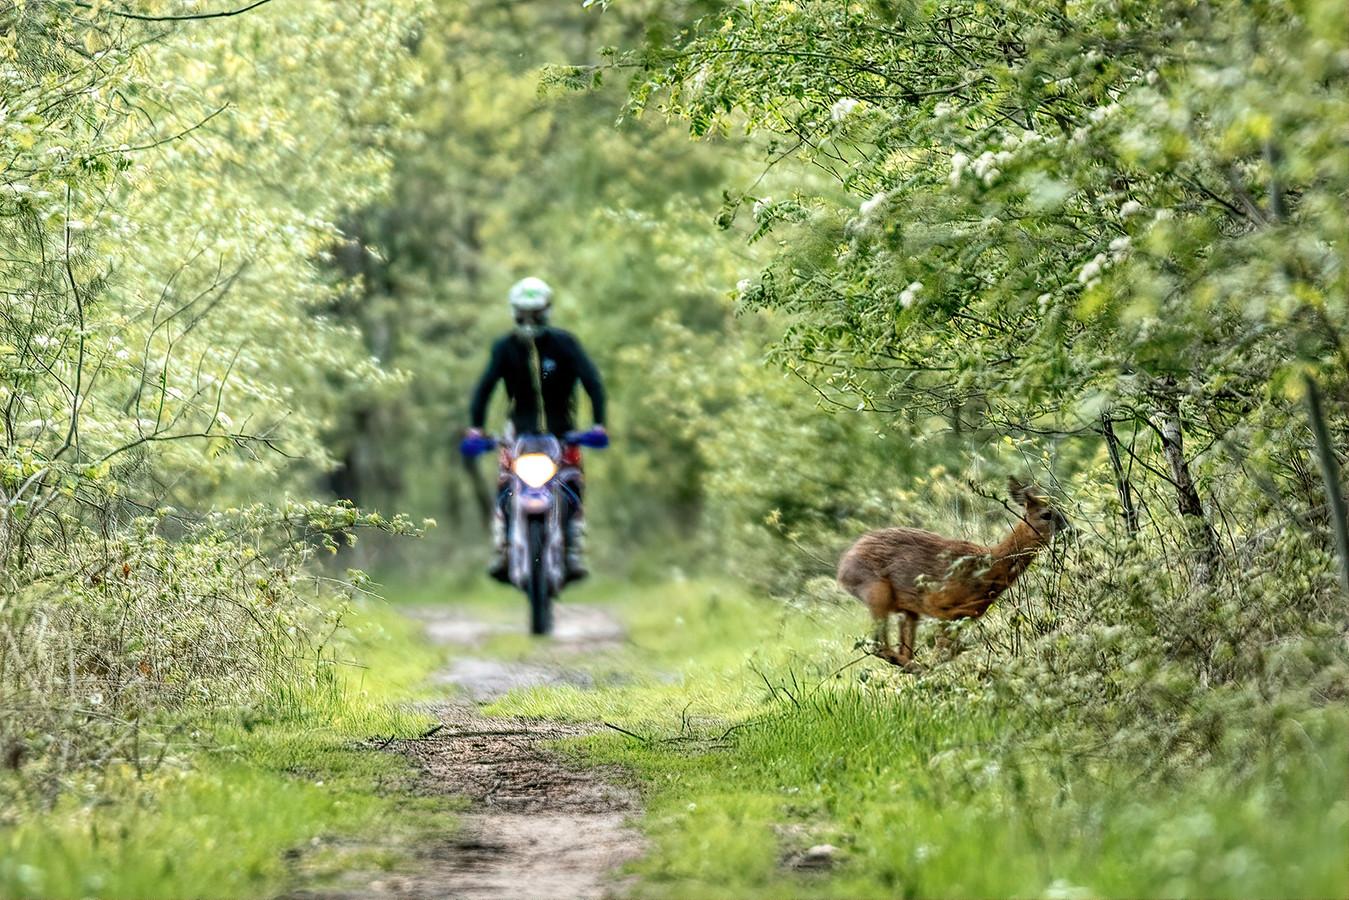 Marcel van de Kerkhof legde het moment waarin de ree wordt opgejaagd door een motorcrosser vast op de foto